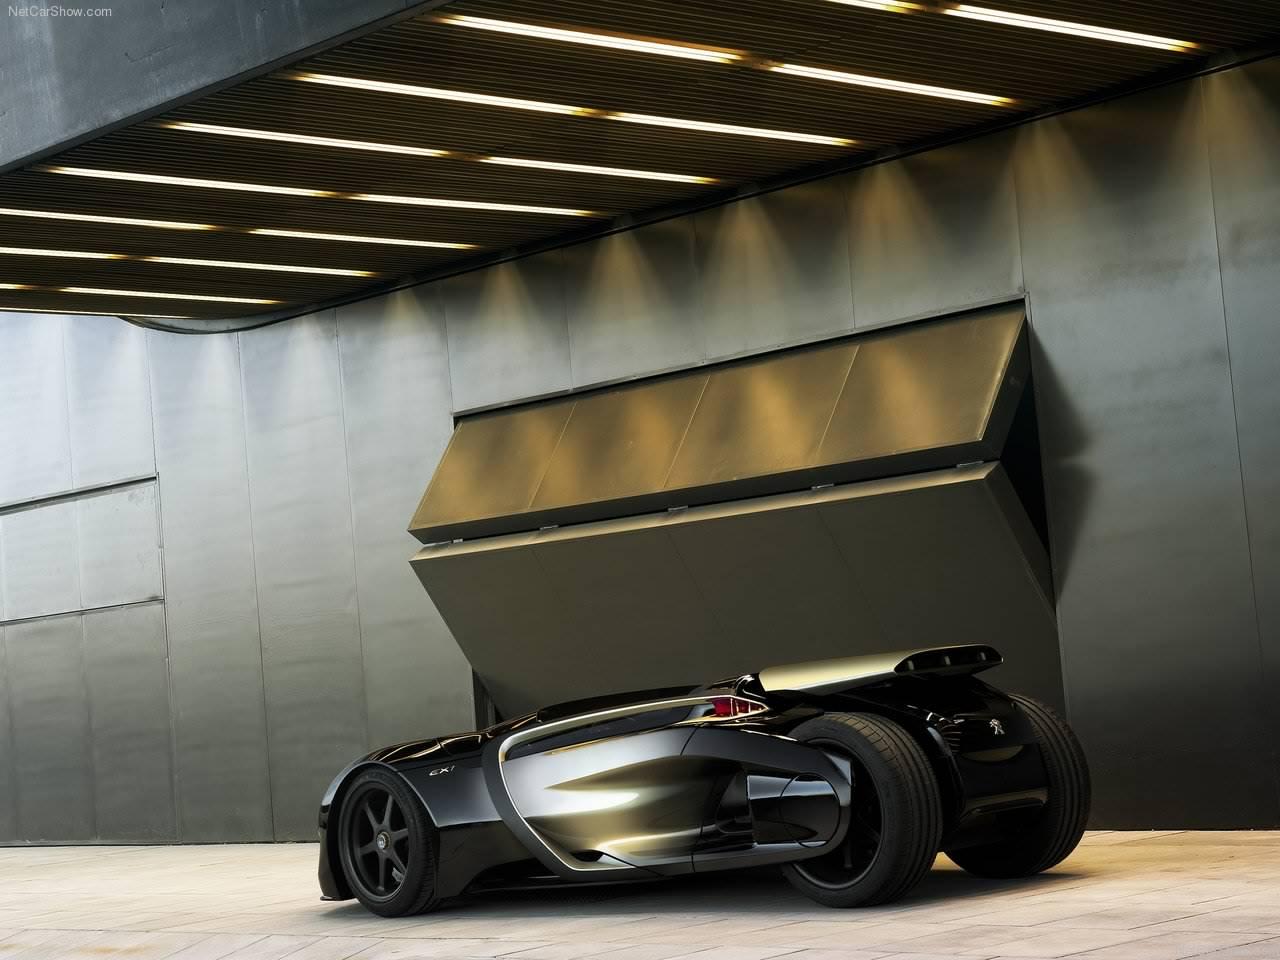 http://4.bp.blogspot.com/_lsyt_wQ2awY/TJroQGFjg7I/AAAAAAACFOg/UicxLhHc1oI/s1600/Peugeot-EX1_Concept_2010_1280x960_wallpaper_0a.jpg